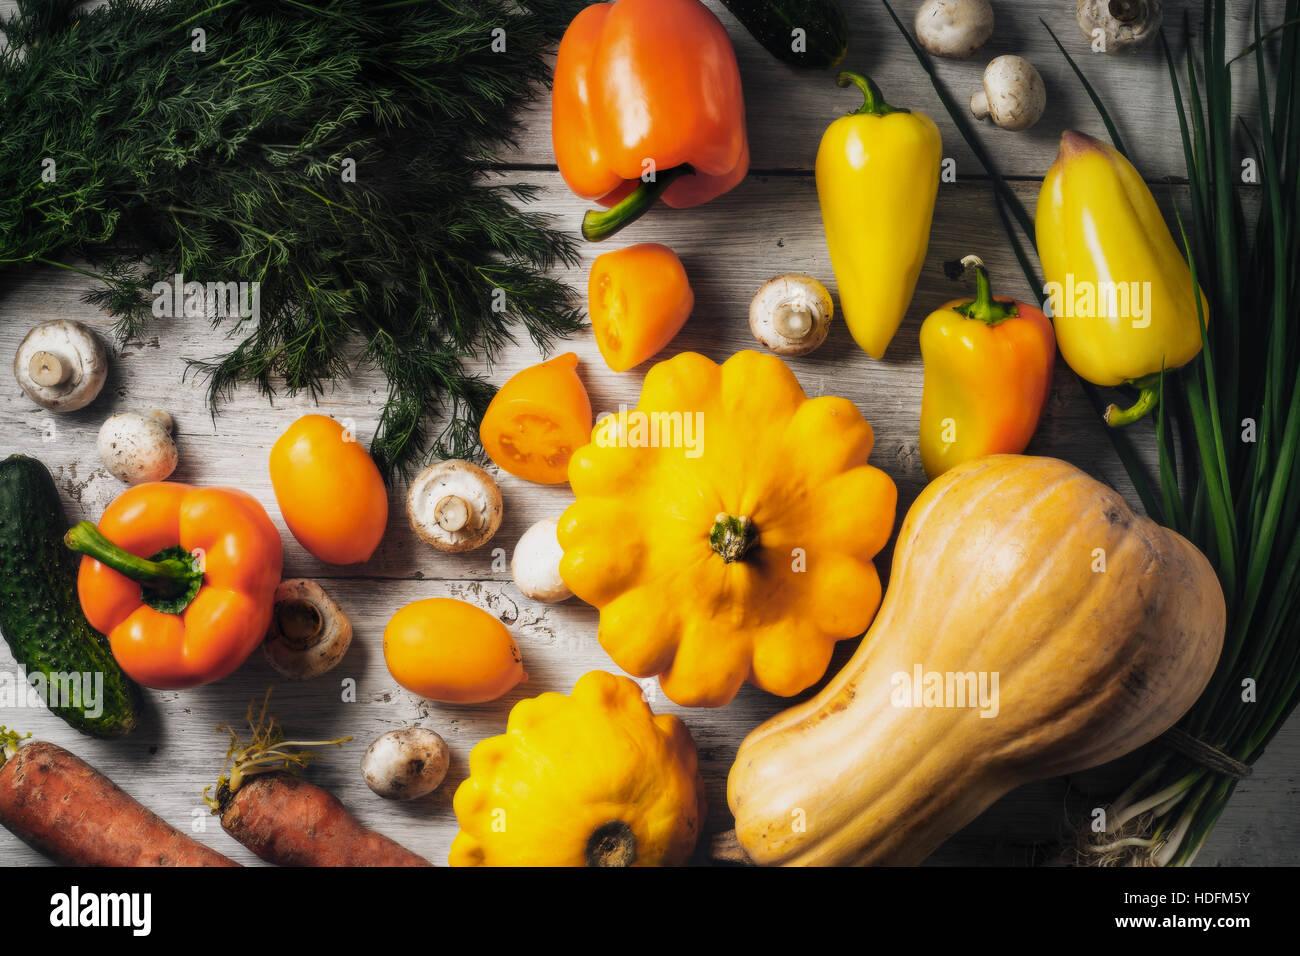 Gelbe und grüne Gemüse auf dem horizontalen weißen Holztisch Stockbild